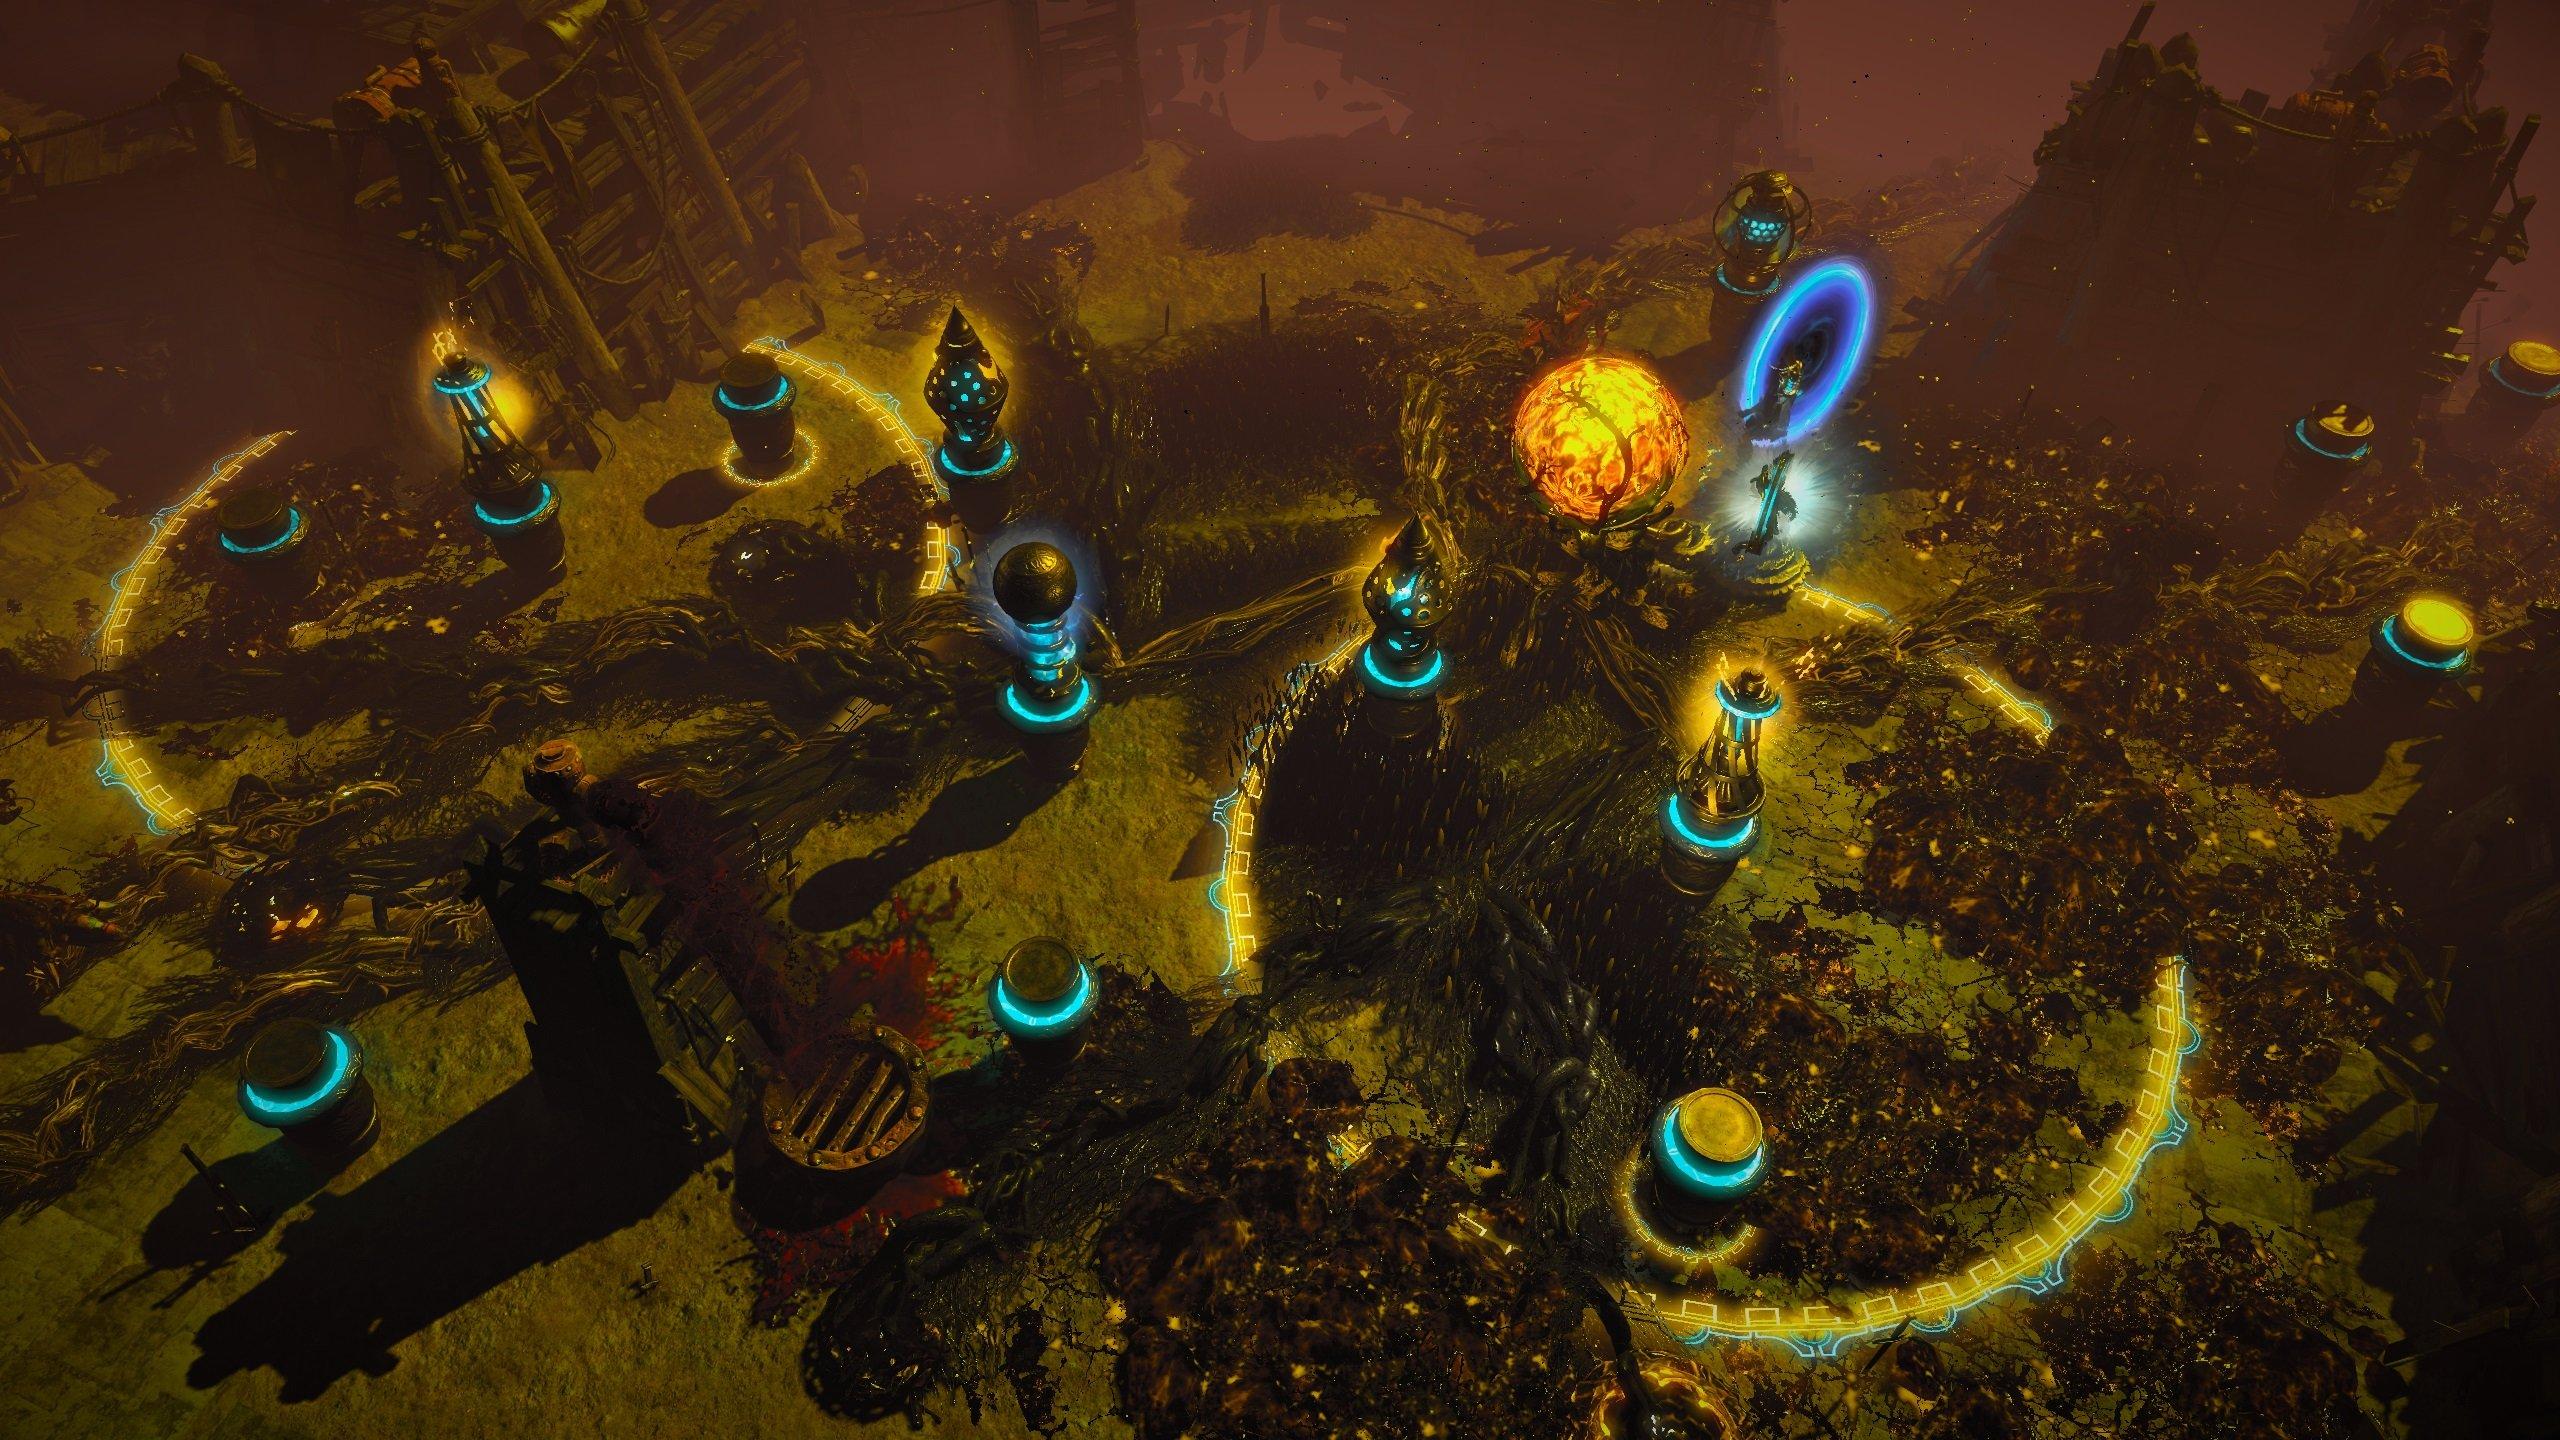 Path of Exile 3.8.0 fügt eine turmverteidigende Blight-Liga hinzu 3